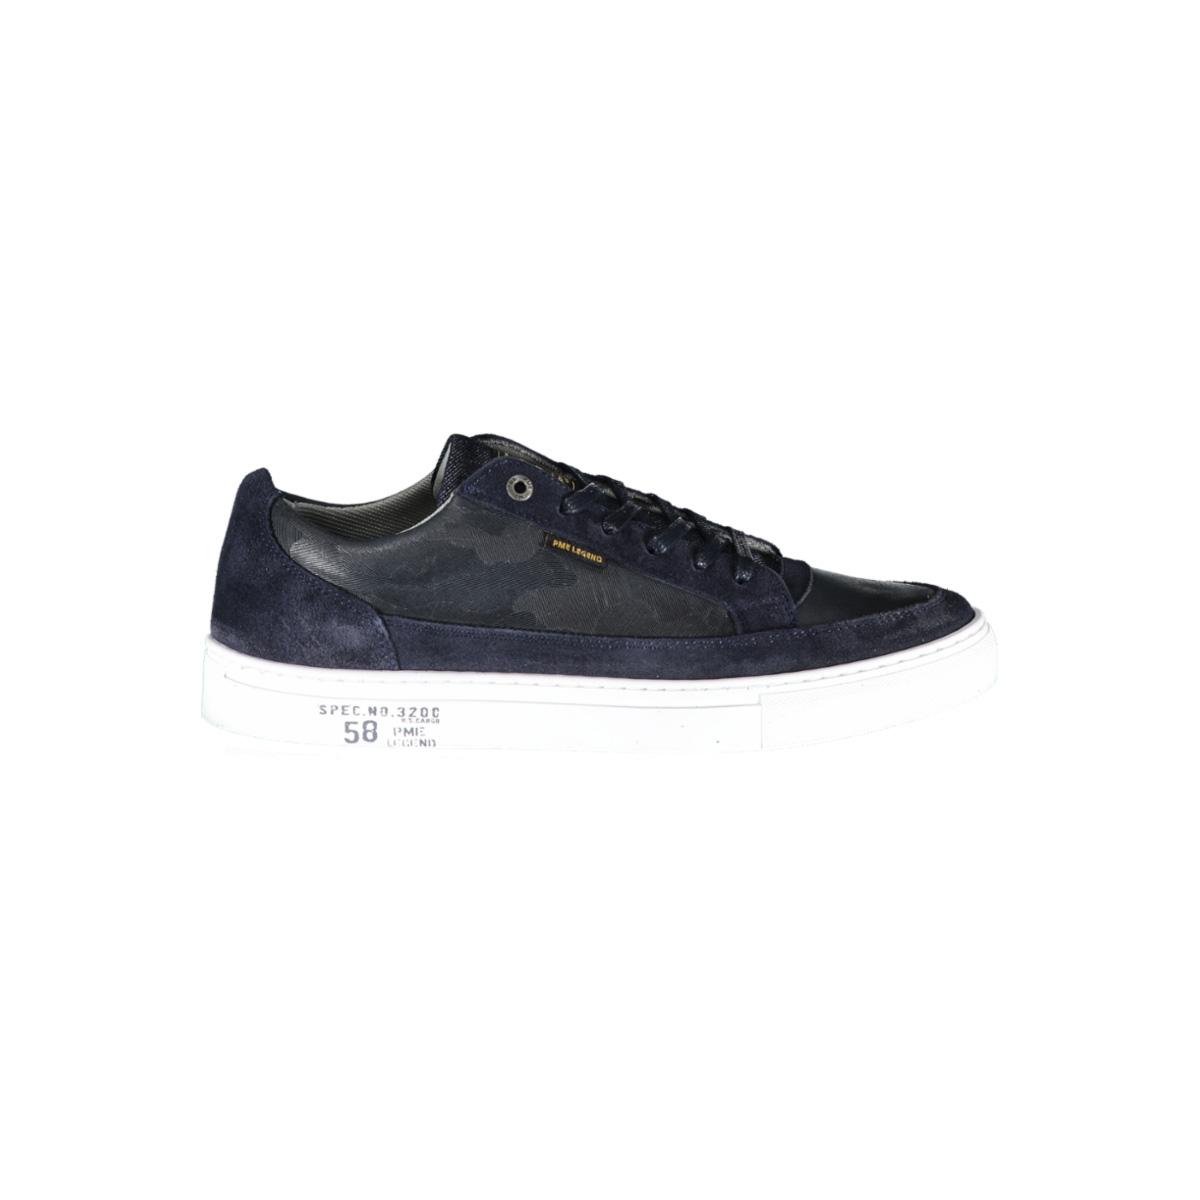 low sneaker trim pbo202011 pme legend sneaker 599